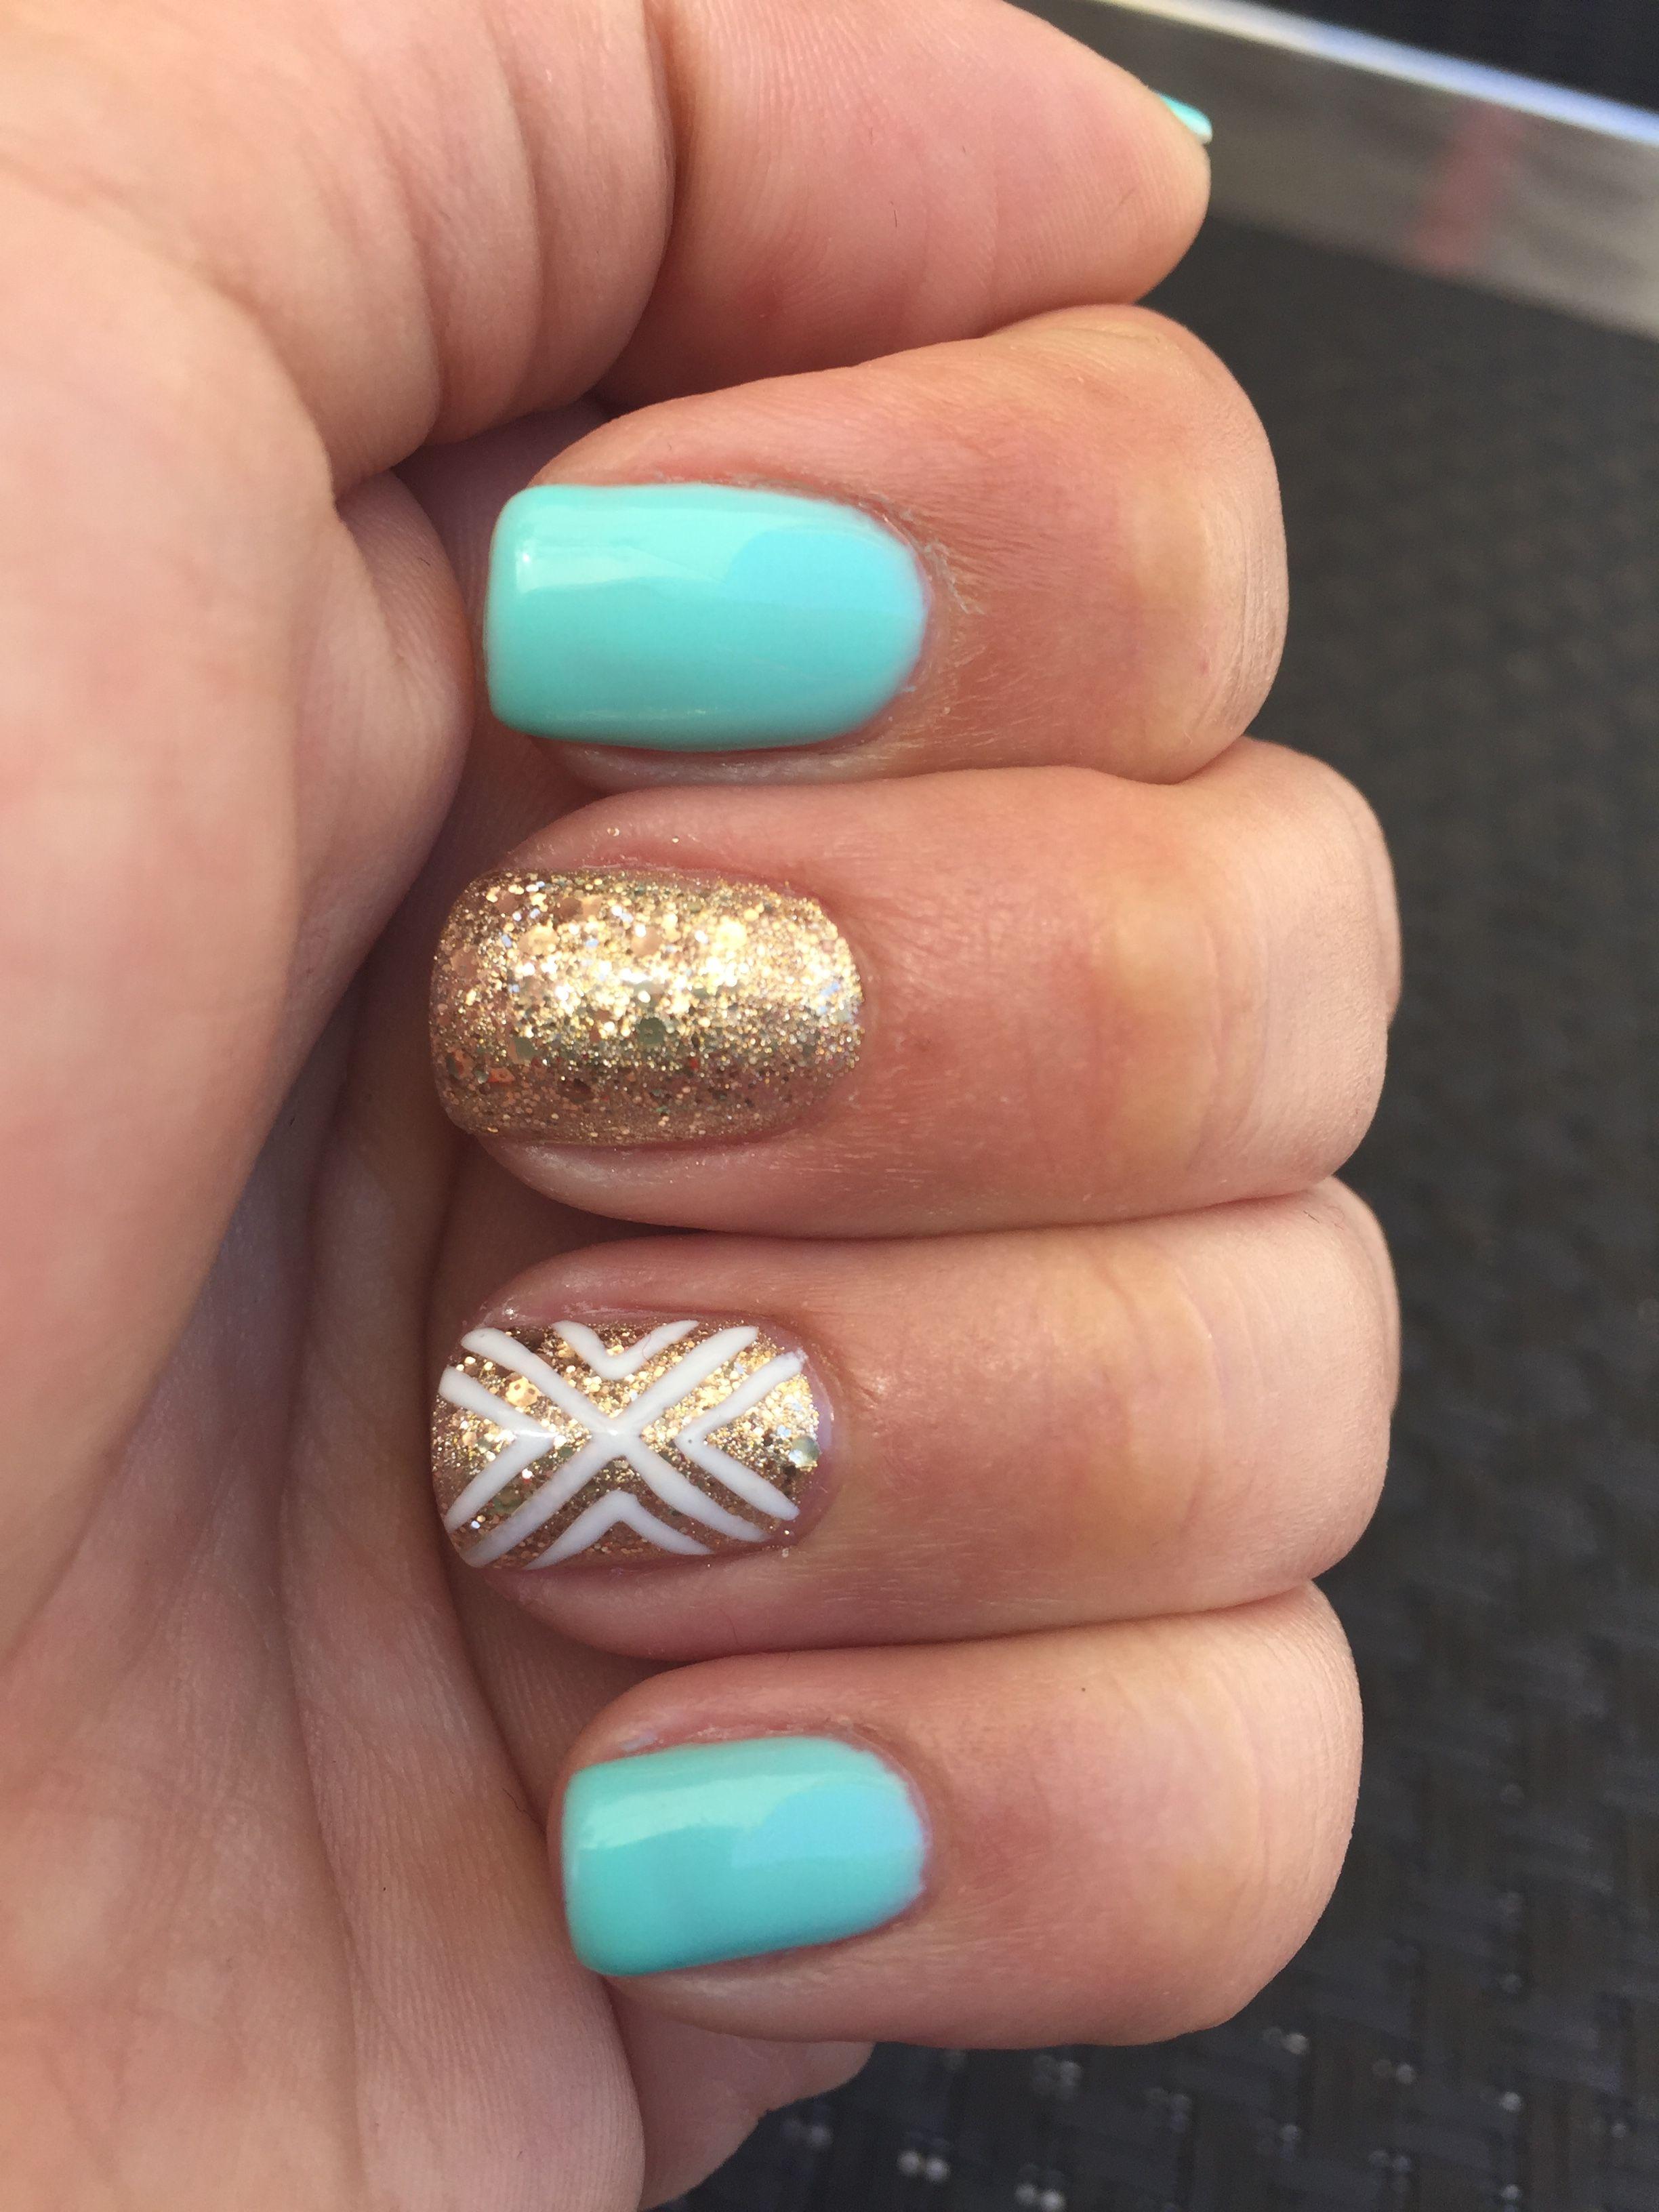 Pin de Garrett Struble en Nails | Pinterest | Diseños de uñas ...